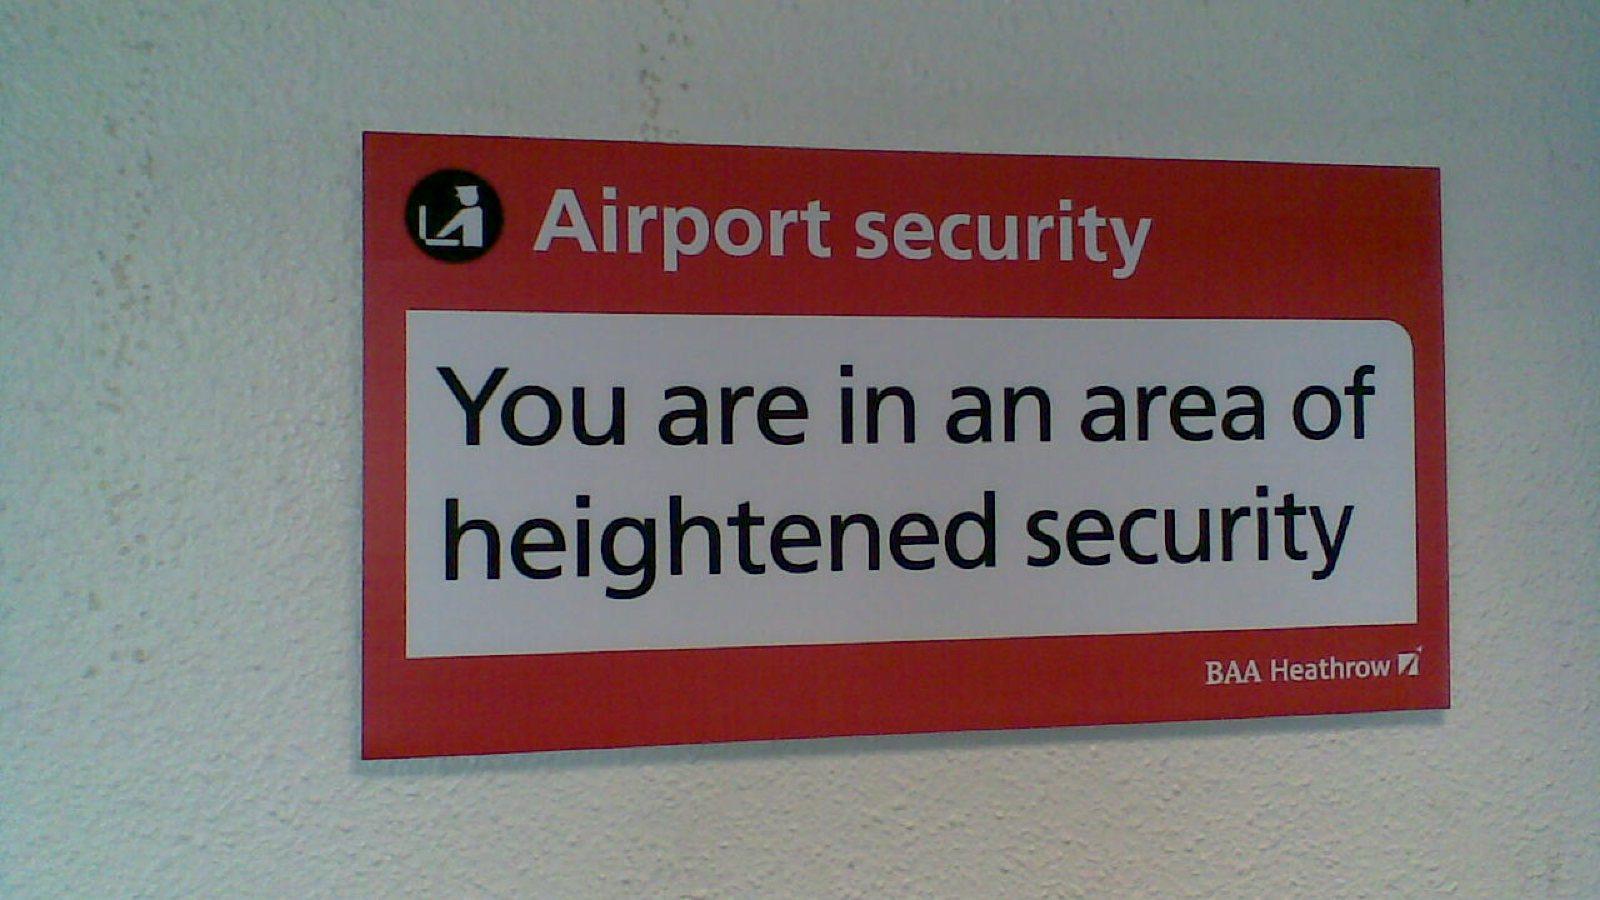 Flughafen Sicherheit